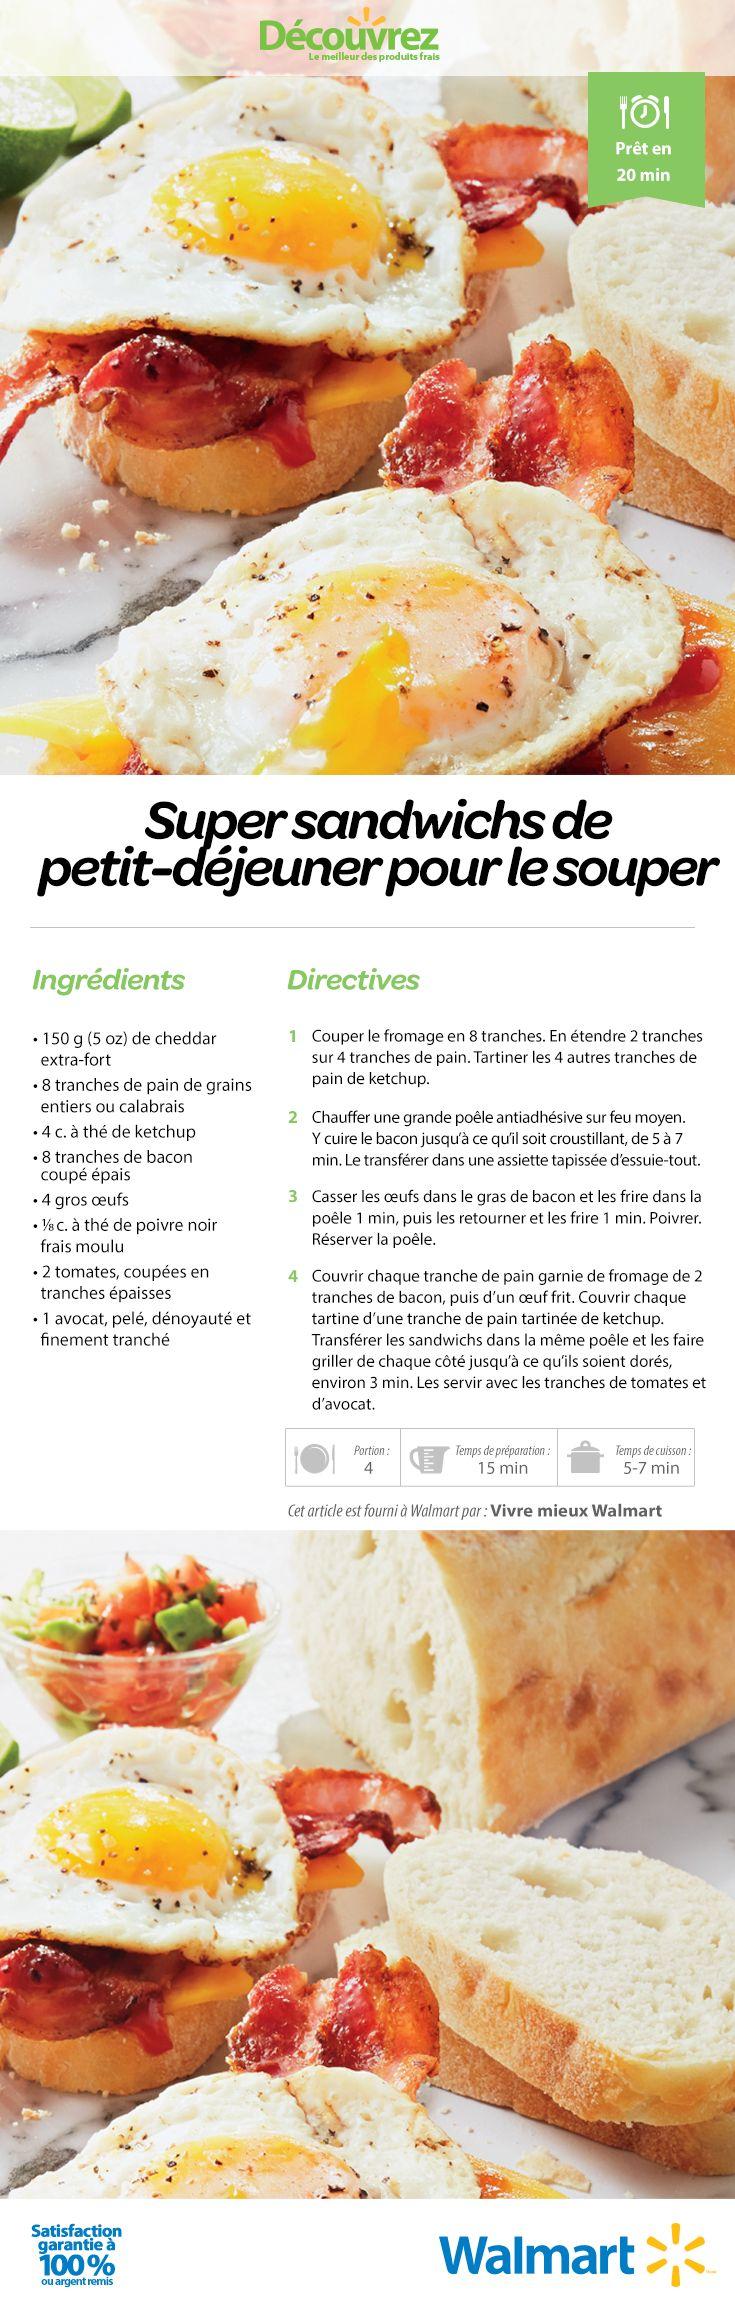 Tout le monde aime manger un déjeuner pour le souper - surtout s'il y a du bacon! Faites cuire un œuf et griller du pain frais et voilà! Le repas est prêt! #DéjeunerPourSouper #RecettesDeSouperFaciles #BaconEtOeufs #IdéesDeRepas #SandwichDéjeuner